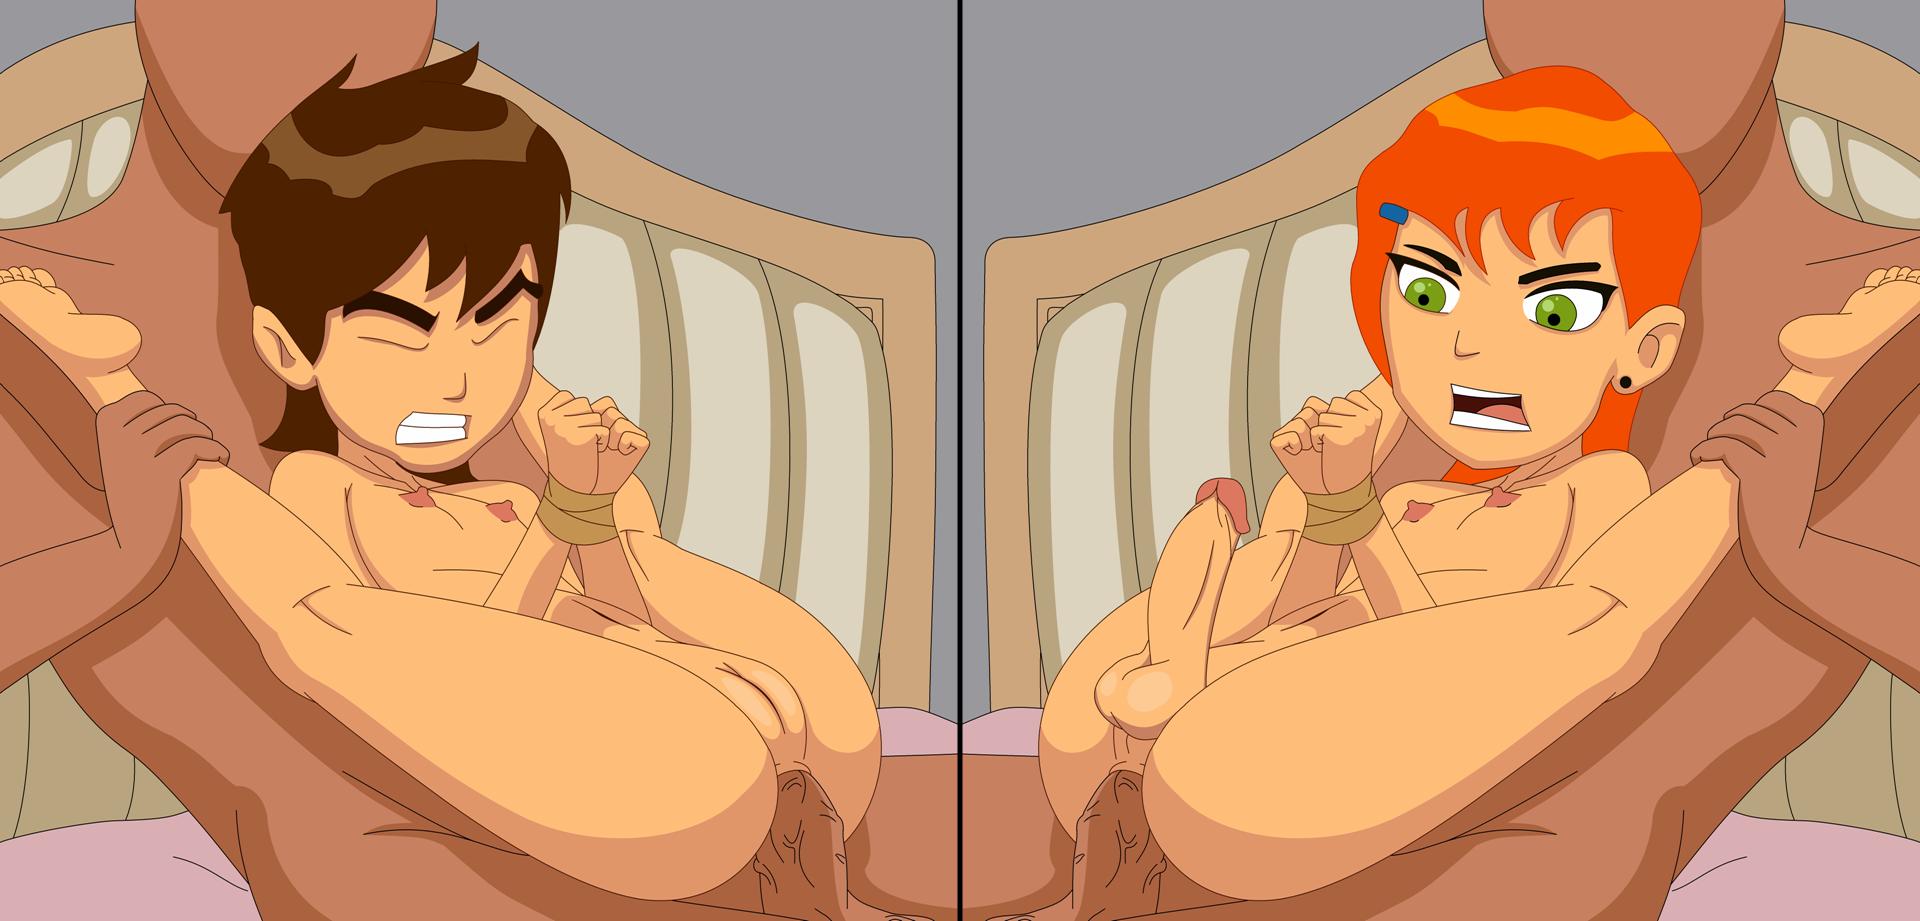 As melhores imagens porno do Ben 10 - Cartoon Porno